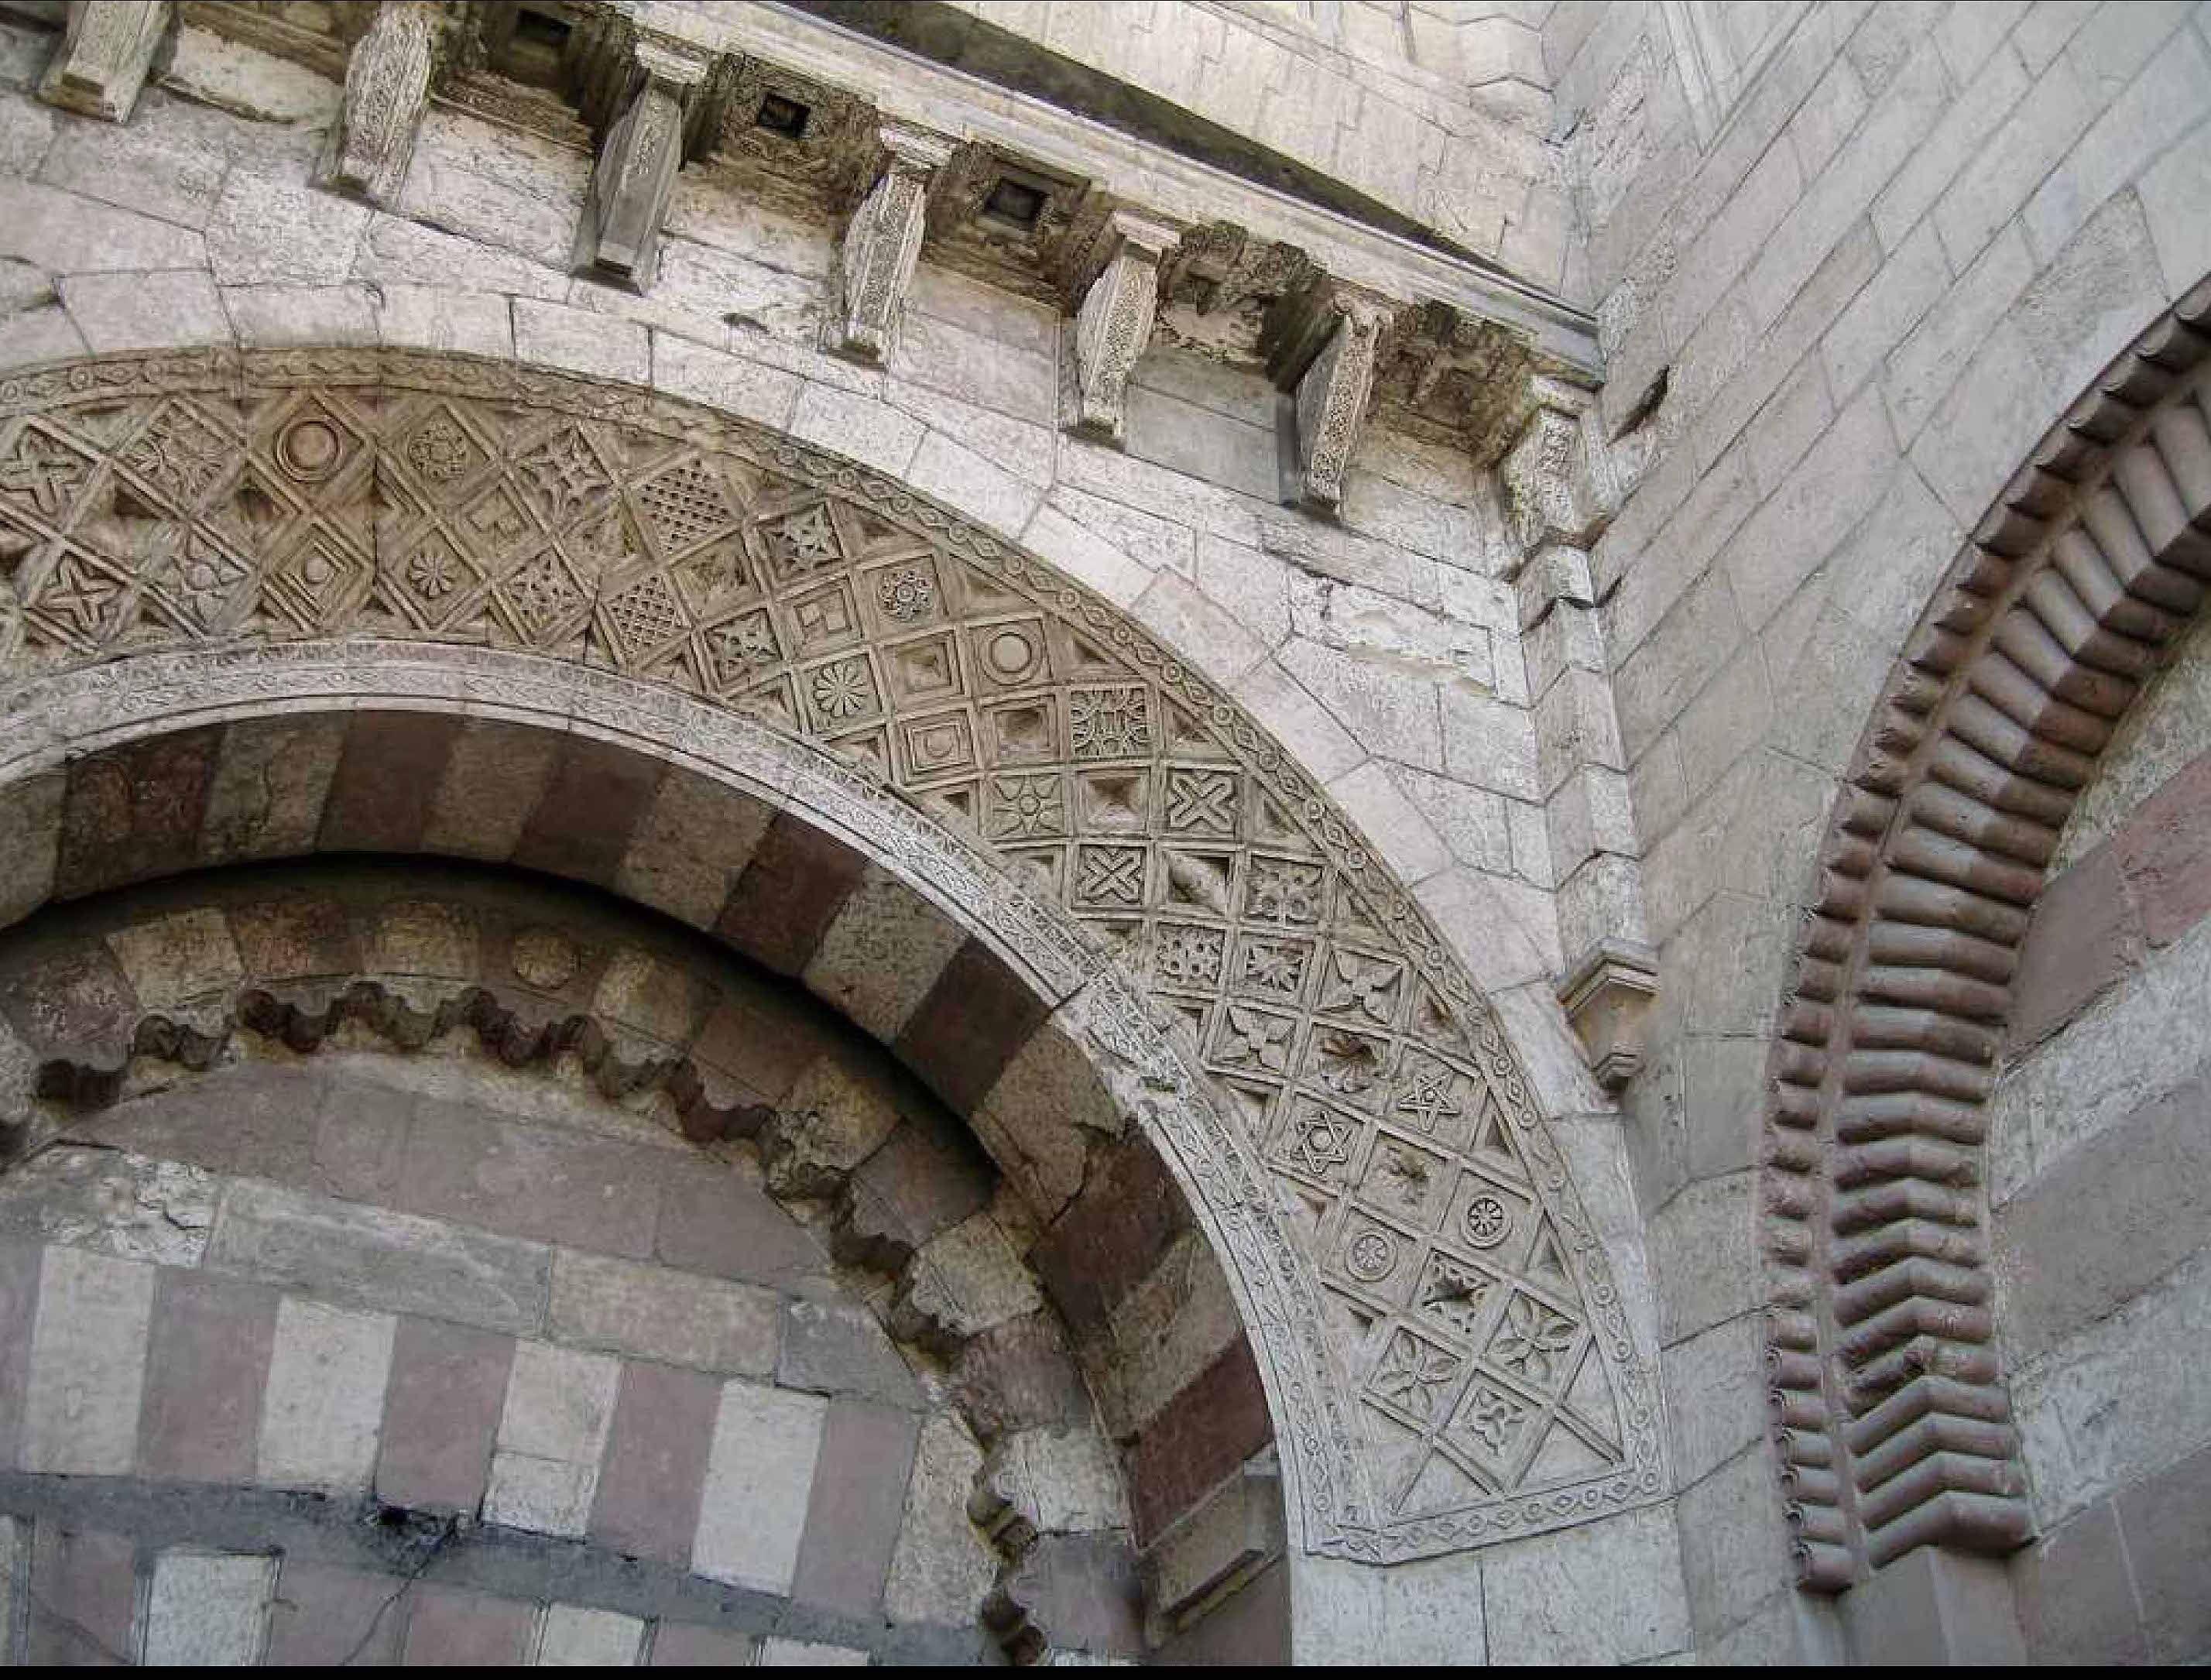 Bab al foutouh (porte de la conquête) Le caire. Une porte à tour semi-circulaire. corbeaux à tête de béliers.